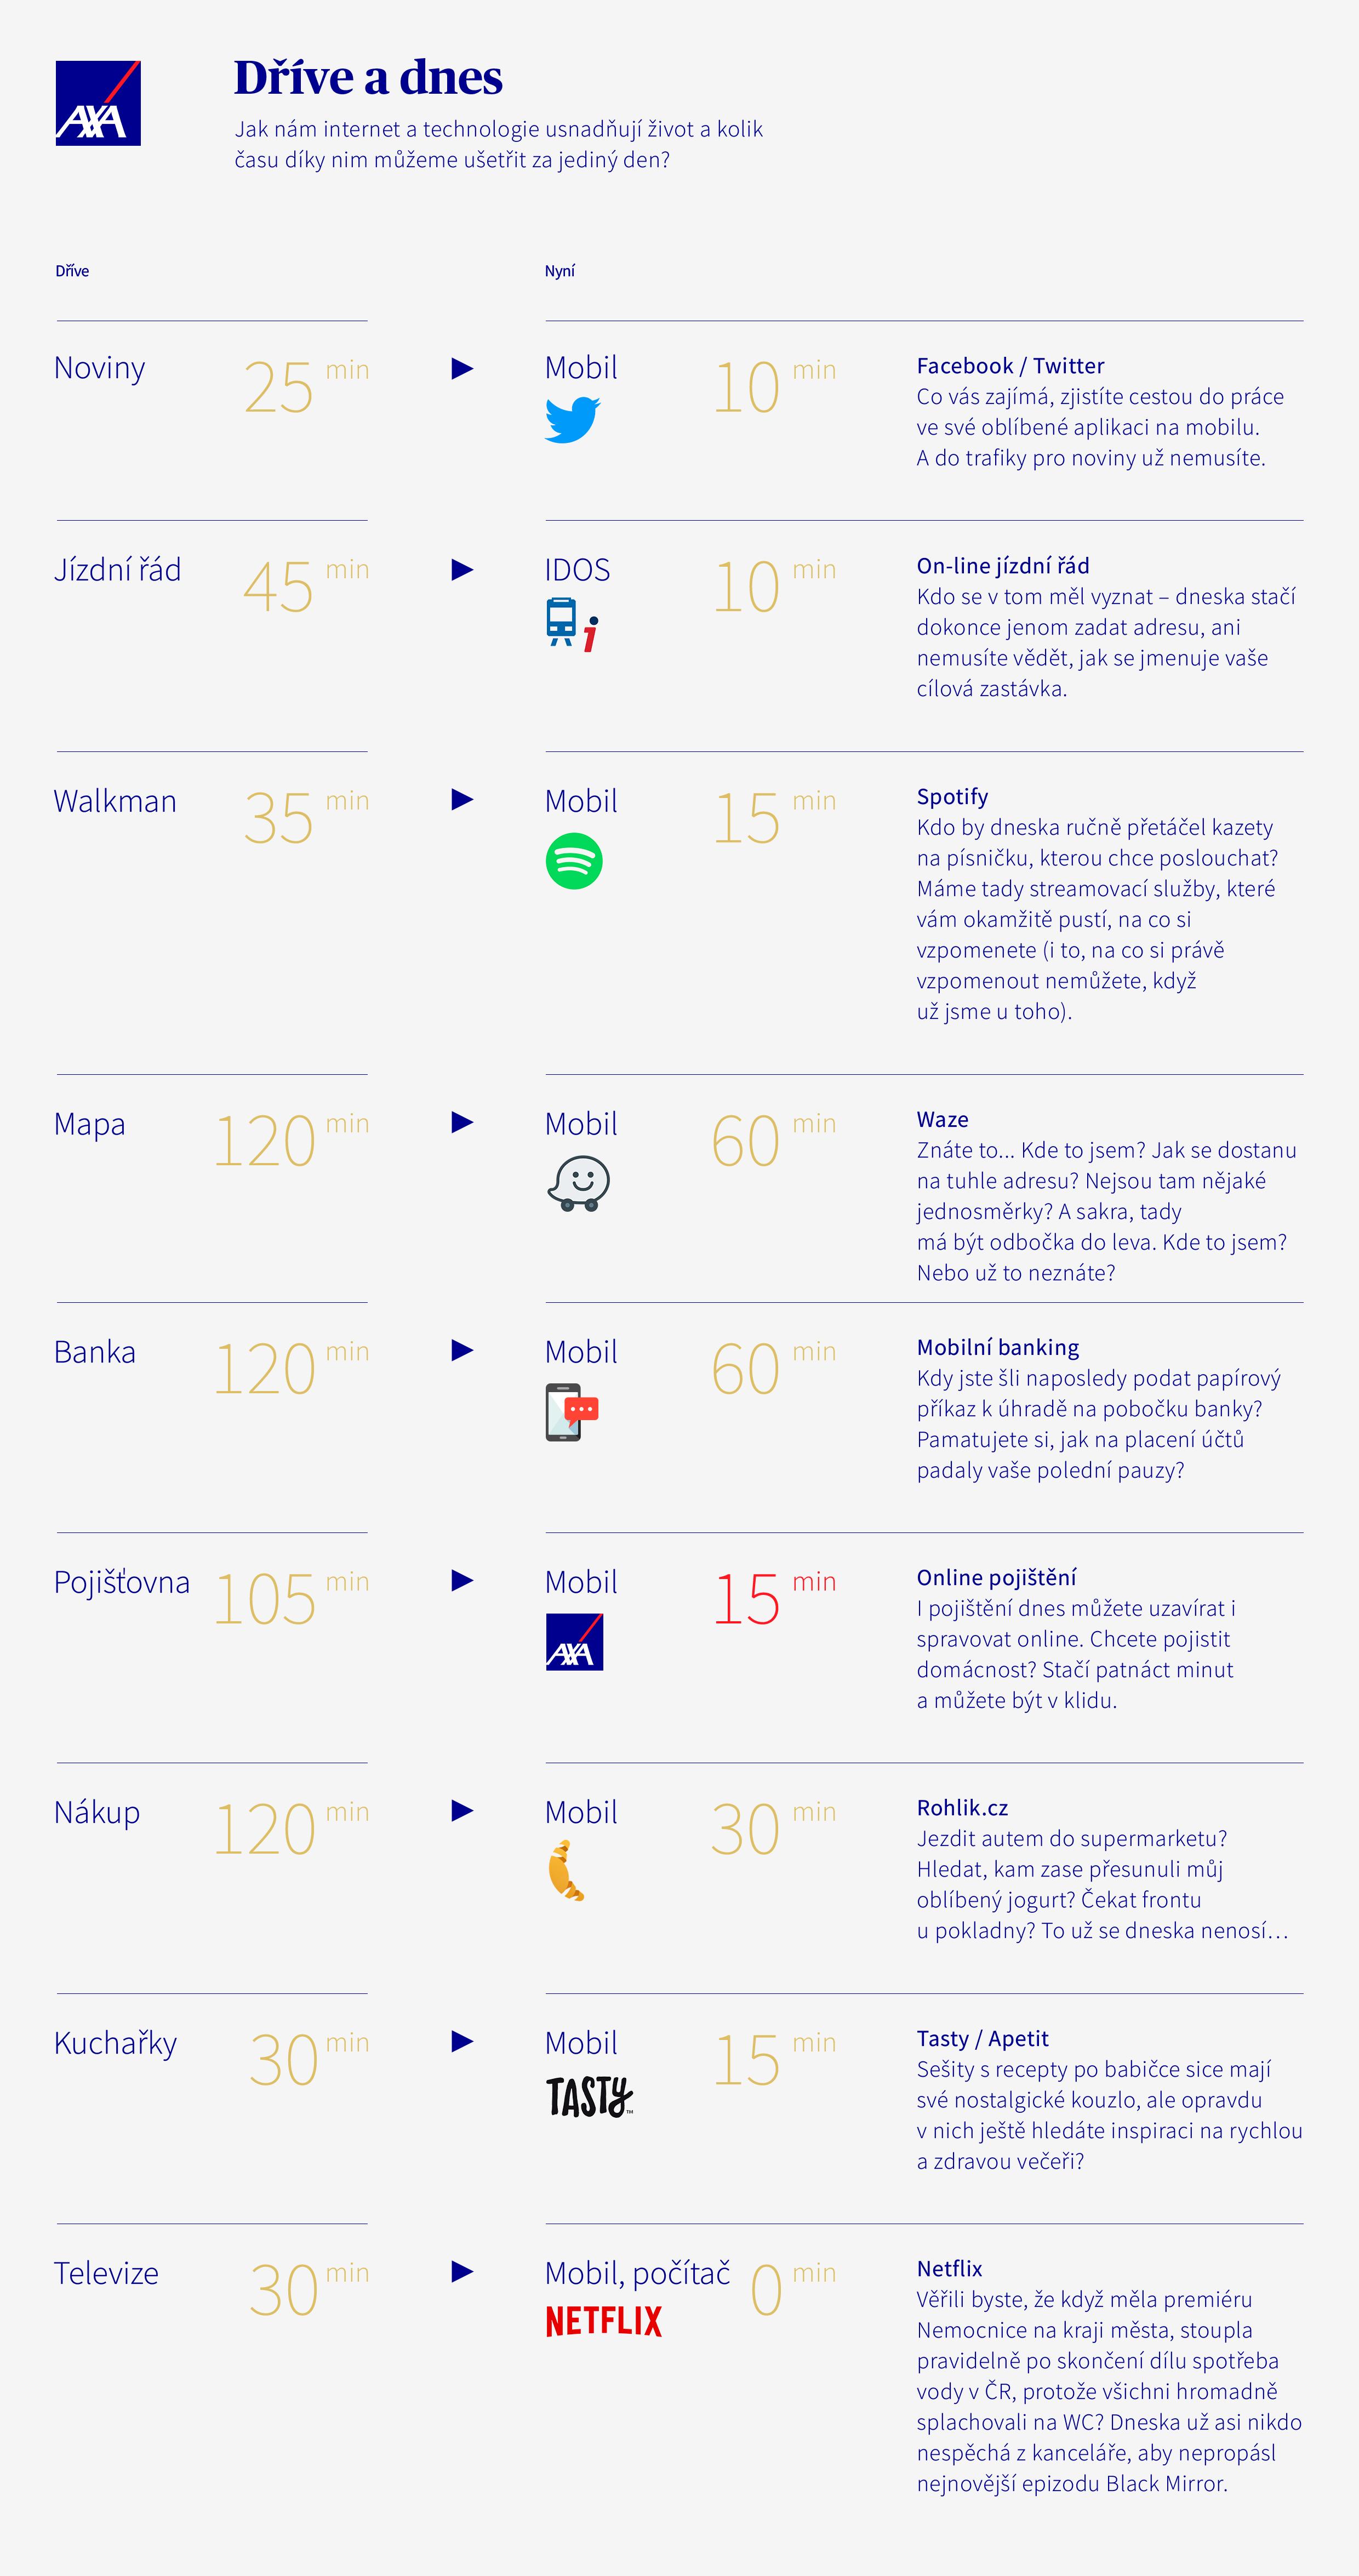 Infografika domácnost a používání internetových aplikací